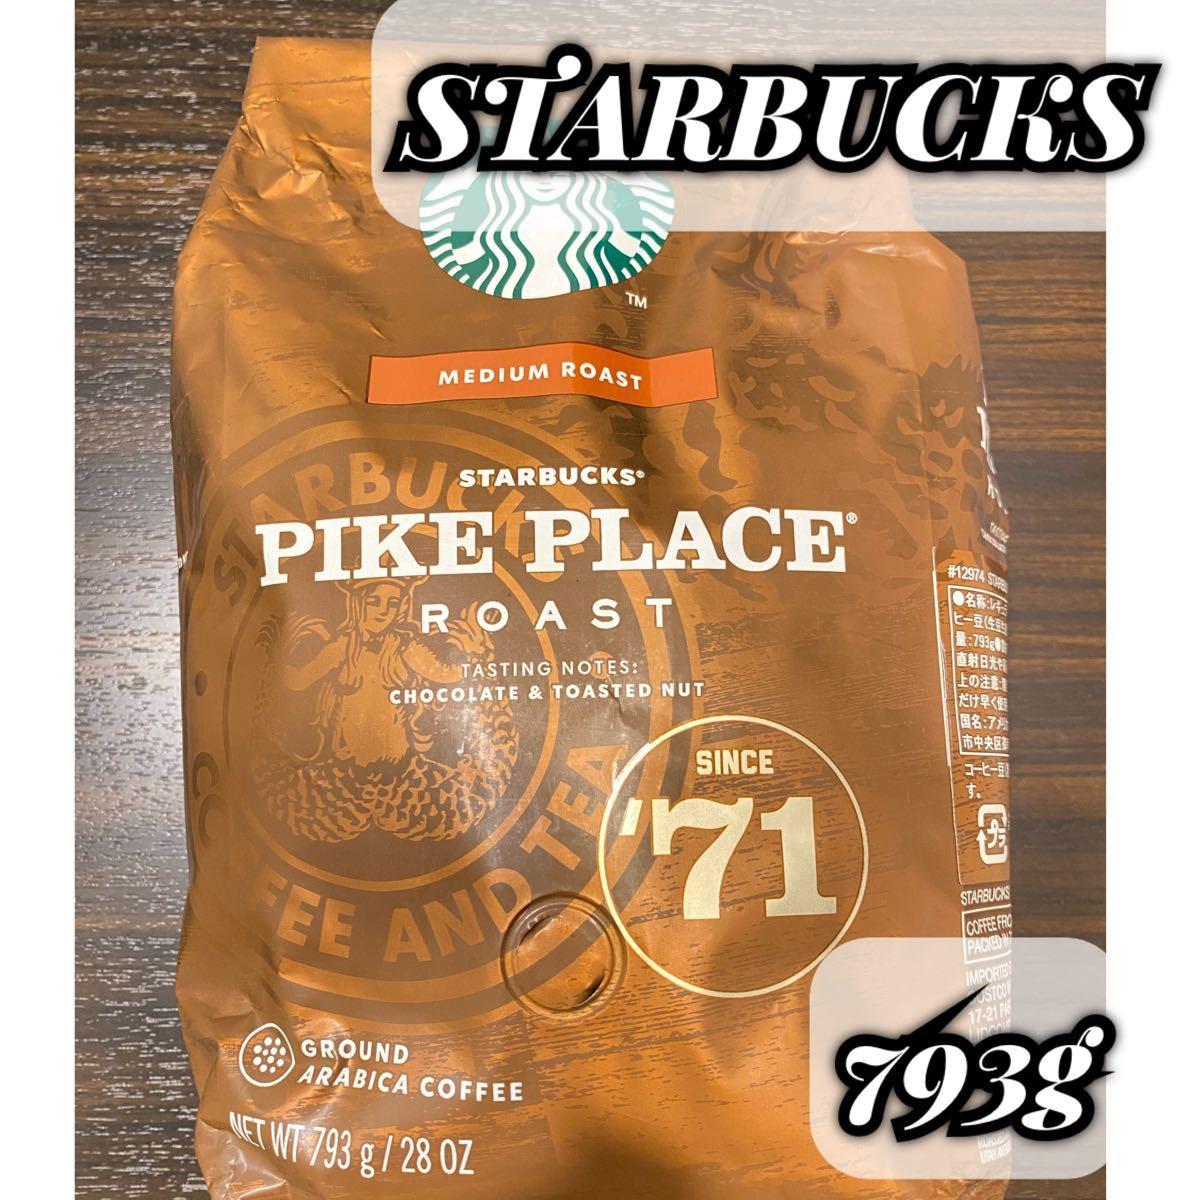 スターバックス コーヒー パイクプレイスロースト